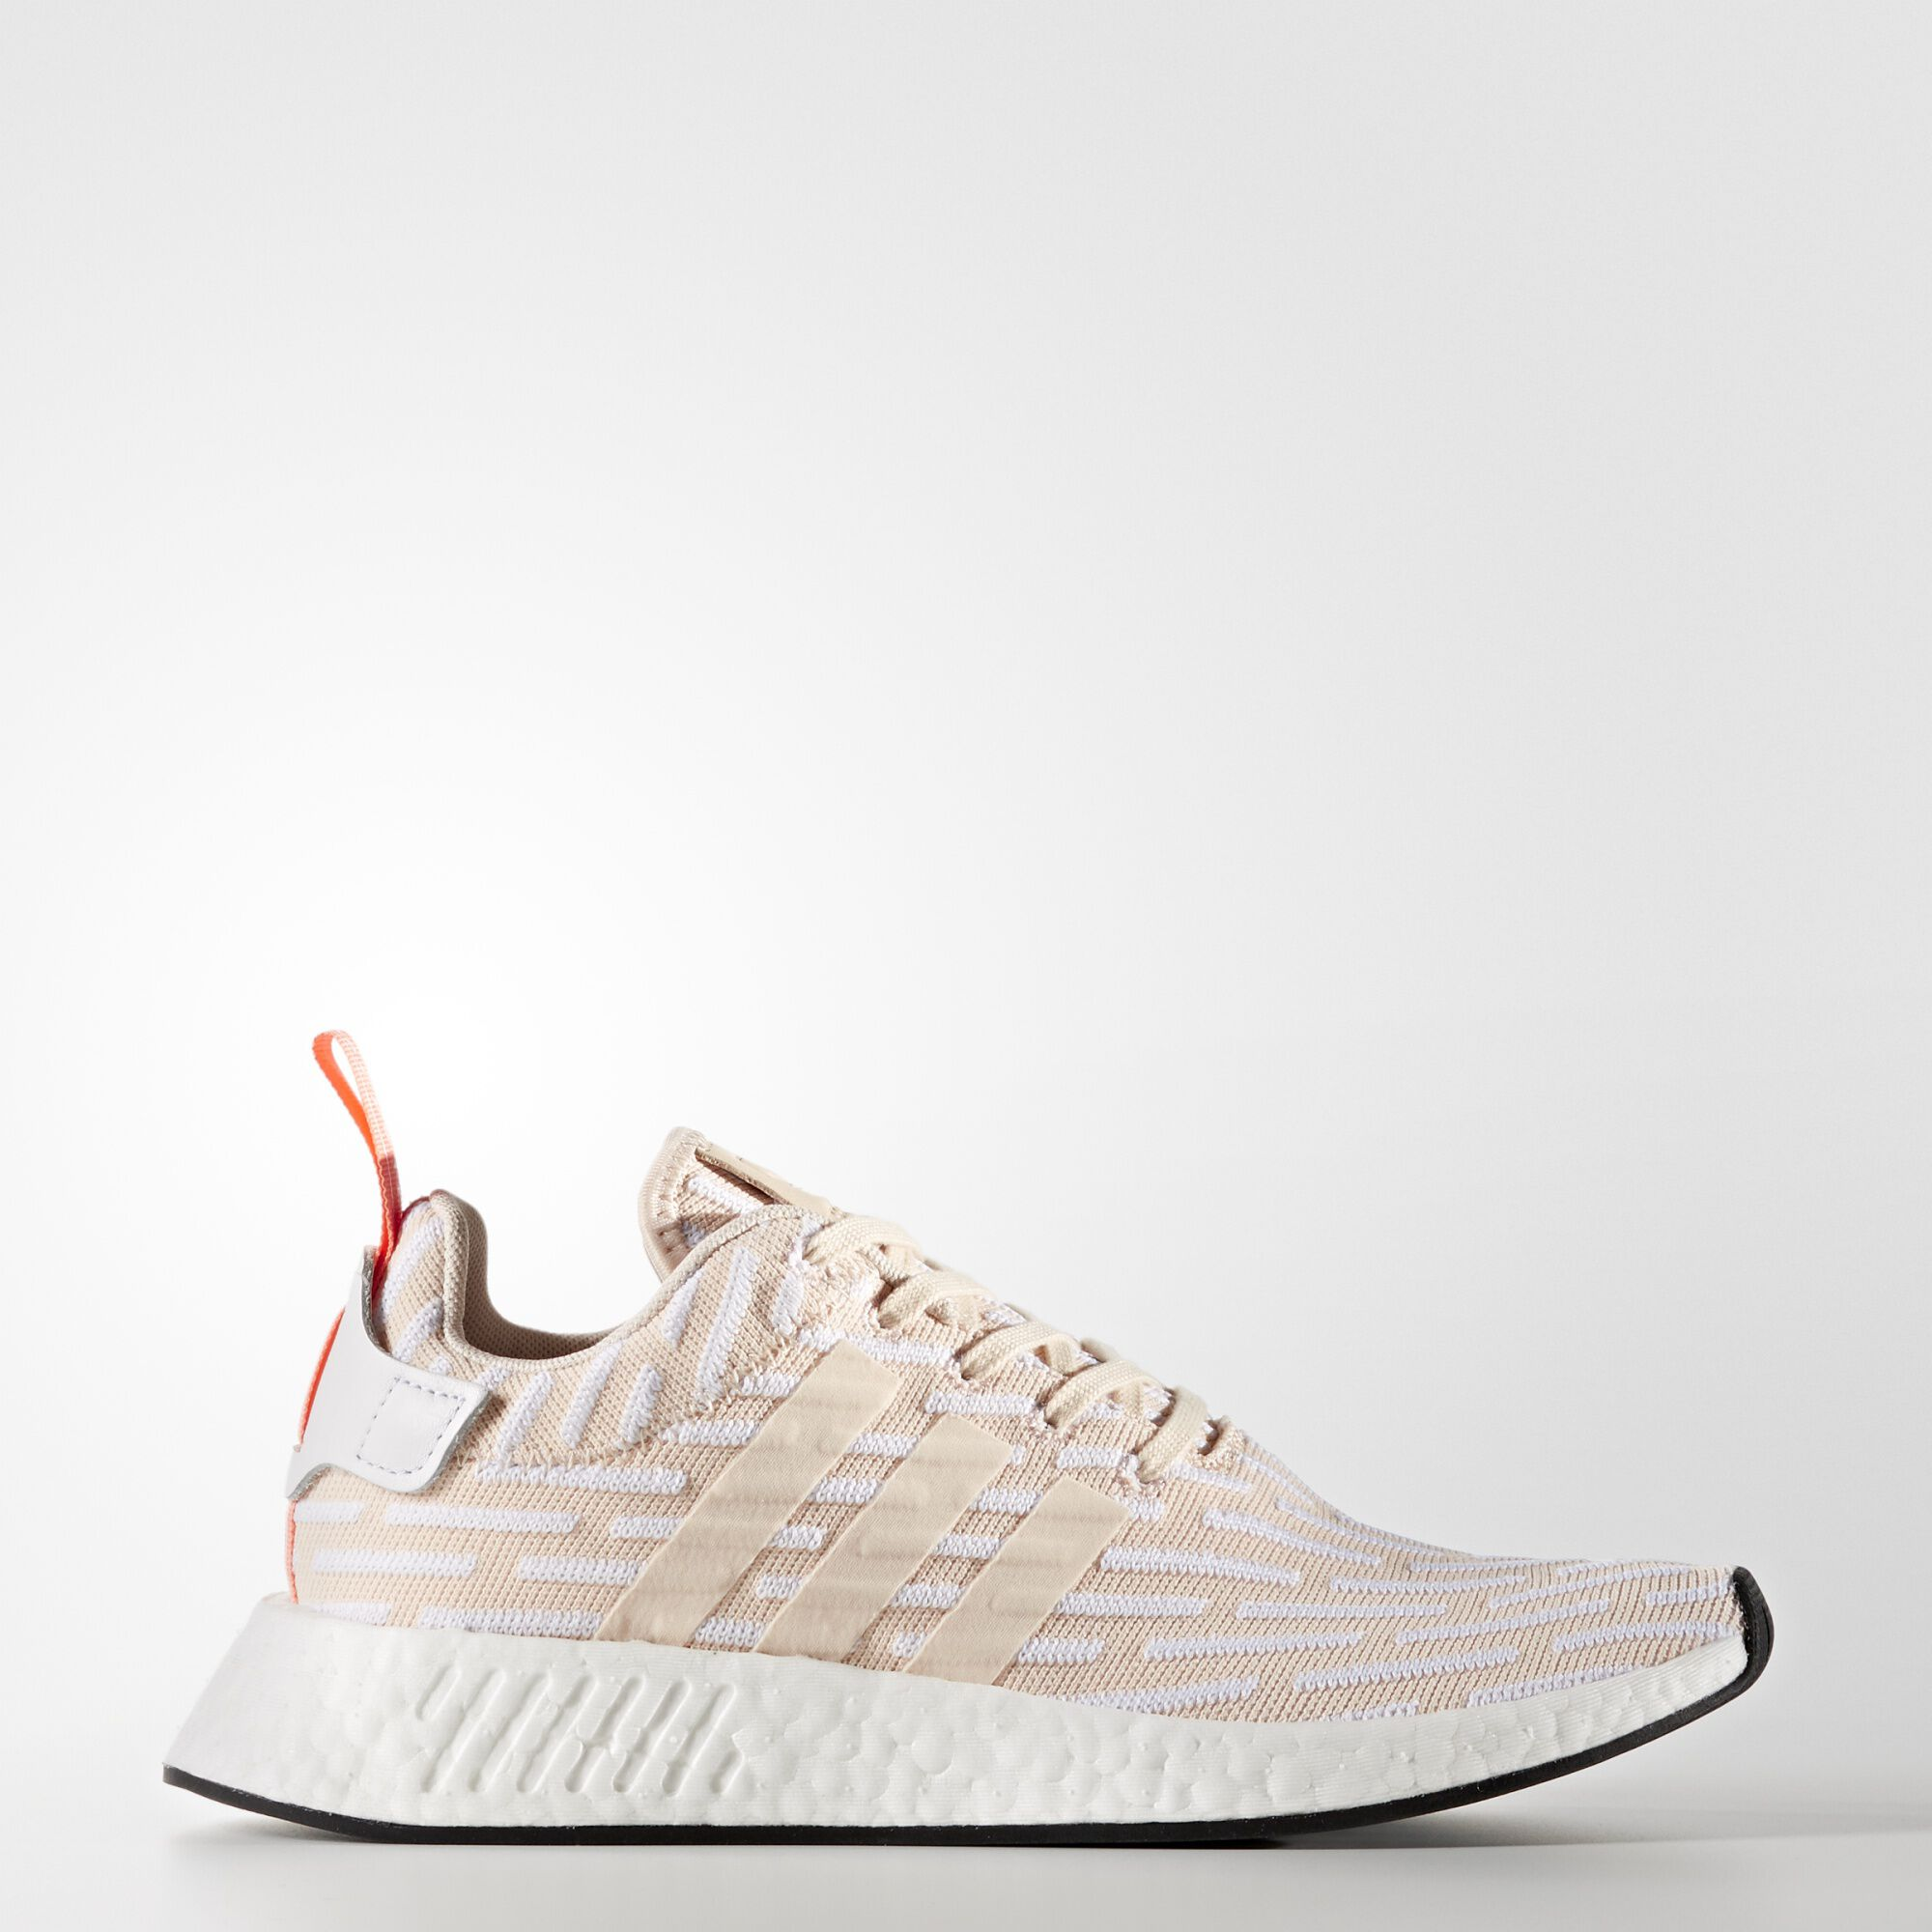 Adidas NMD R1, Sneaker, 50, (2345 Brunn am Gebirge) willhaben